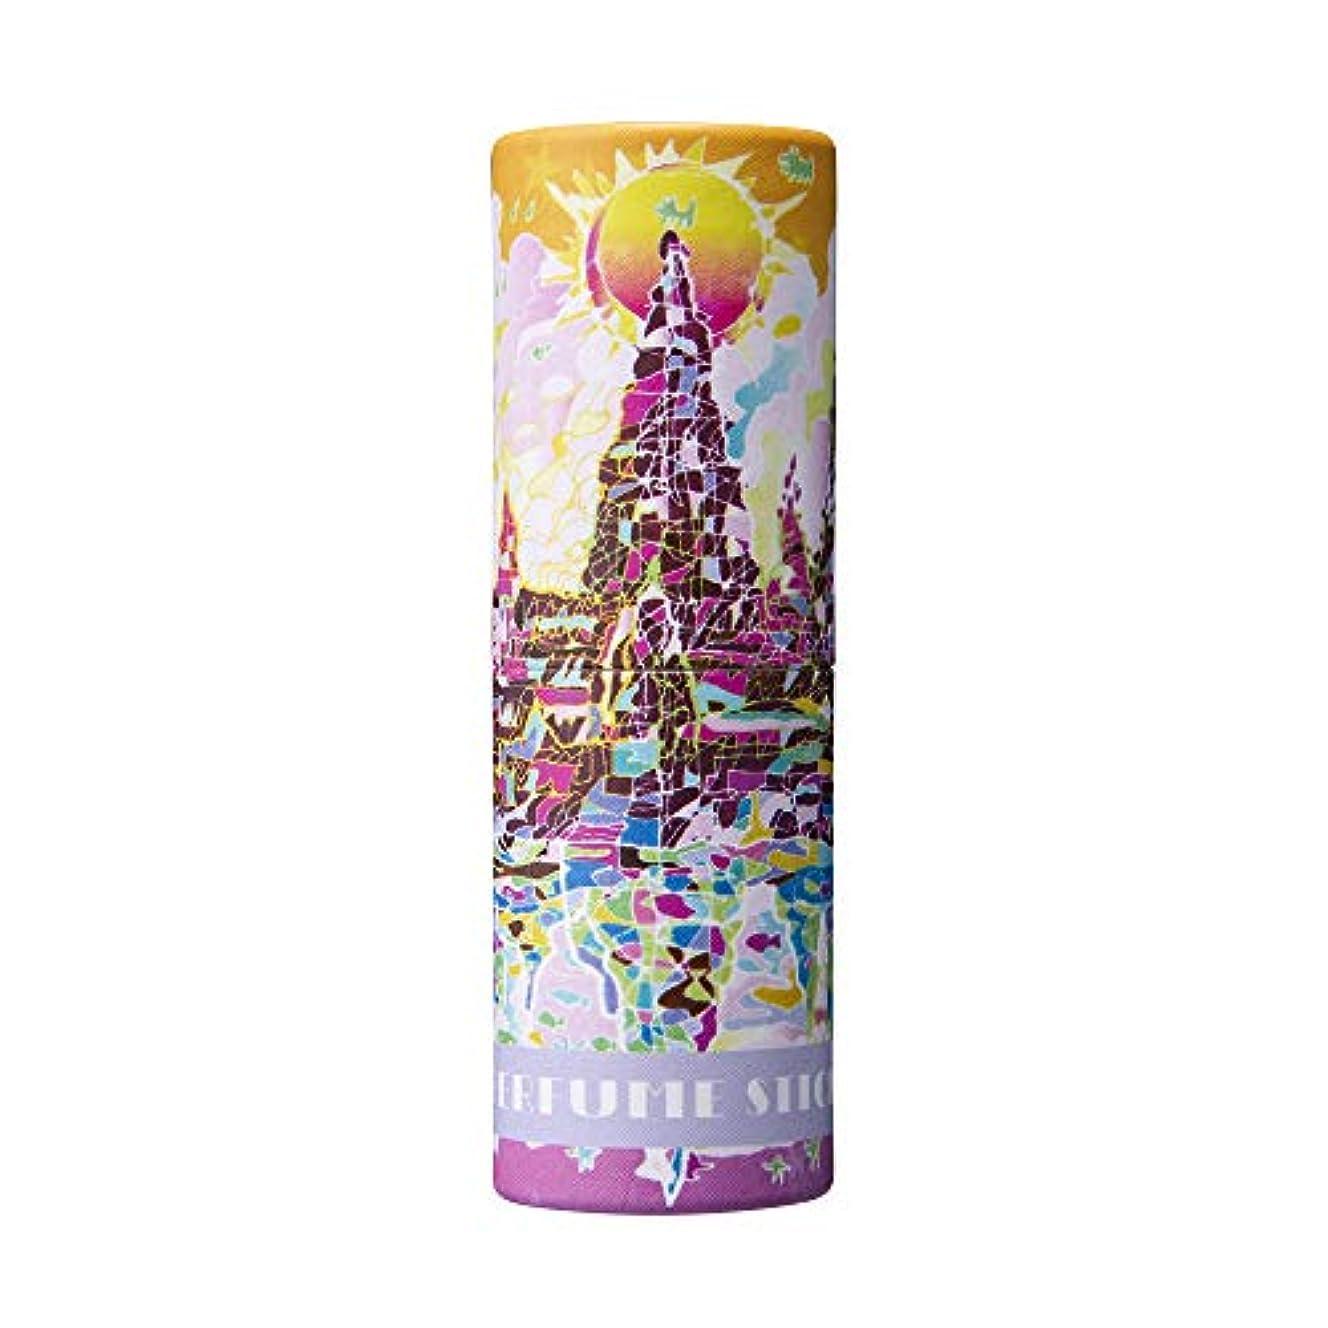 文焦げタイトパフュームスティック ドリーム ペア&ピーチの香り 世界遺産デザイン 5g